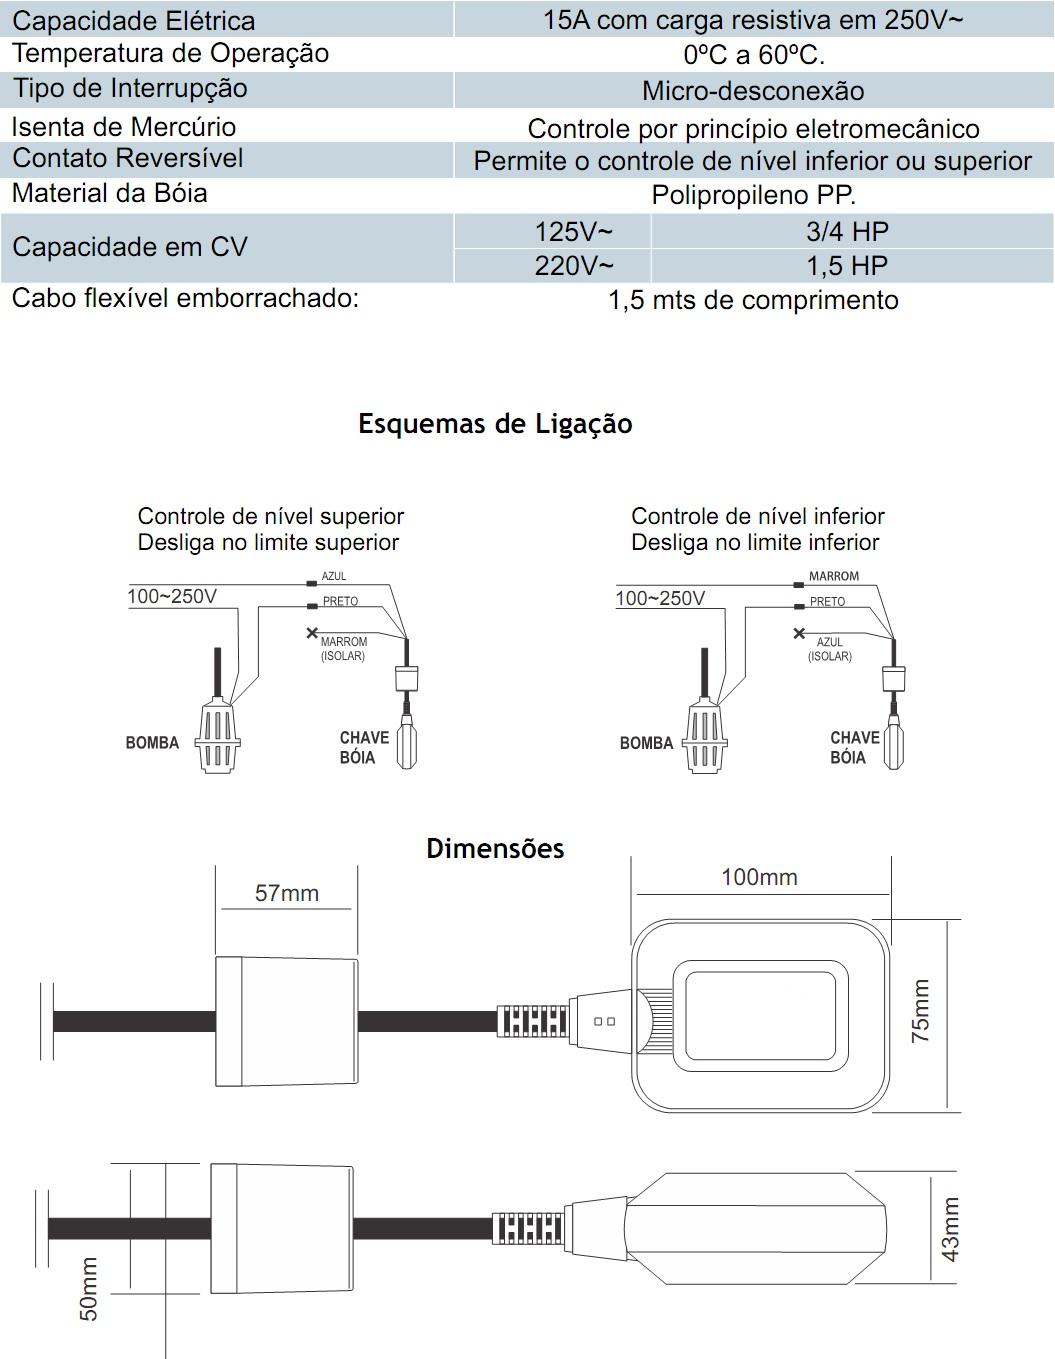 bioa-eletrica-descricao.jpg